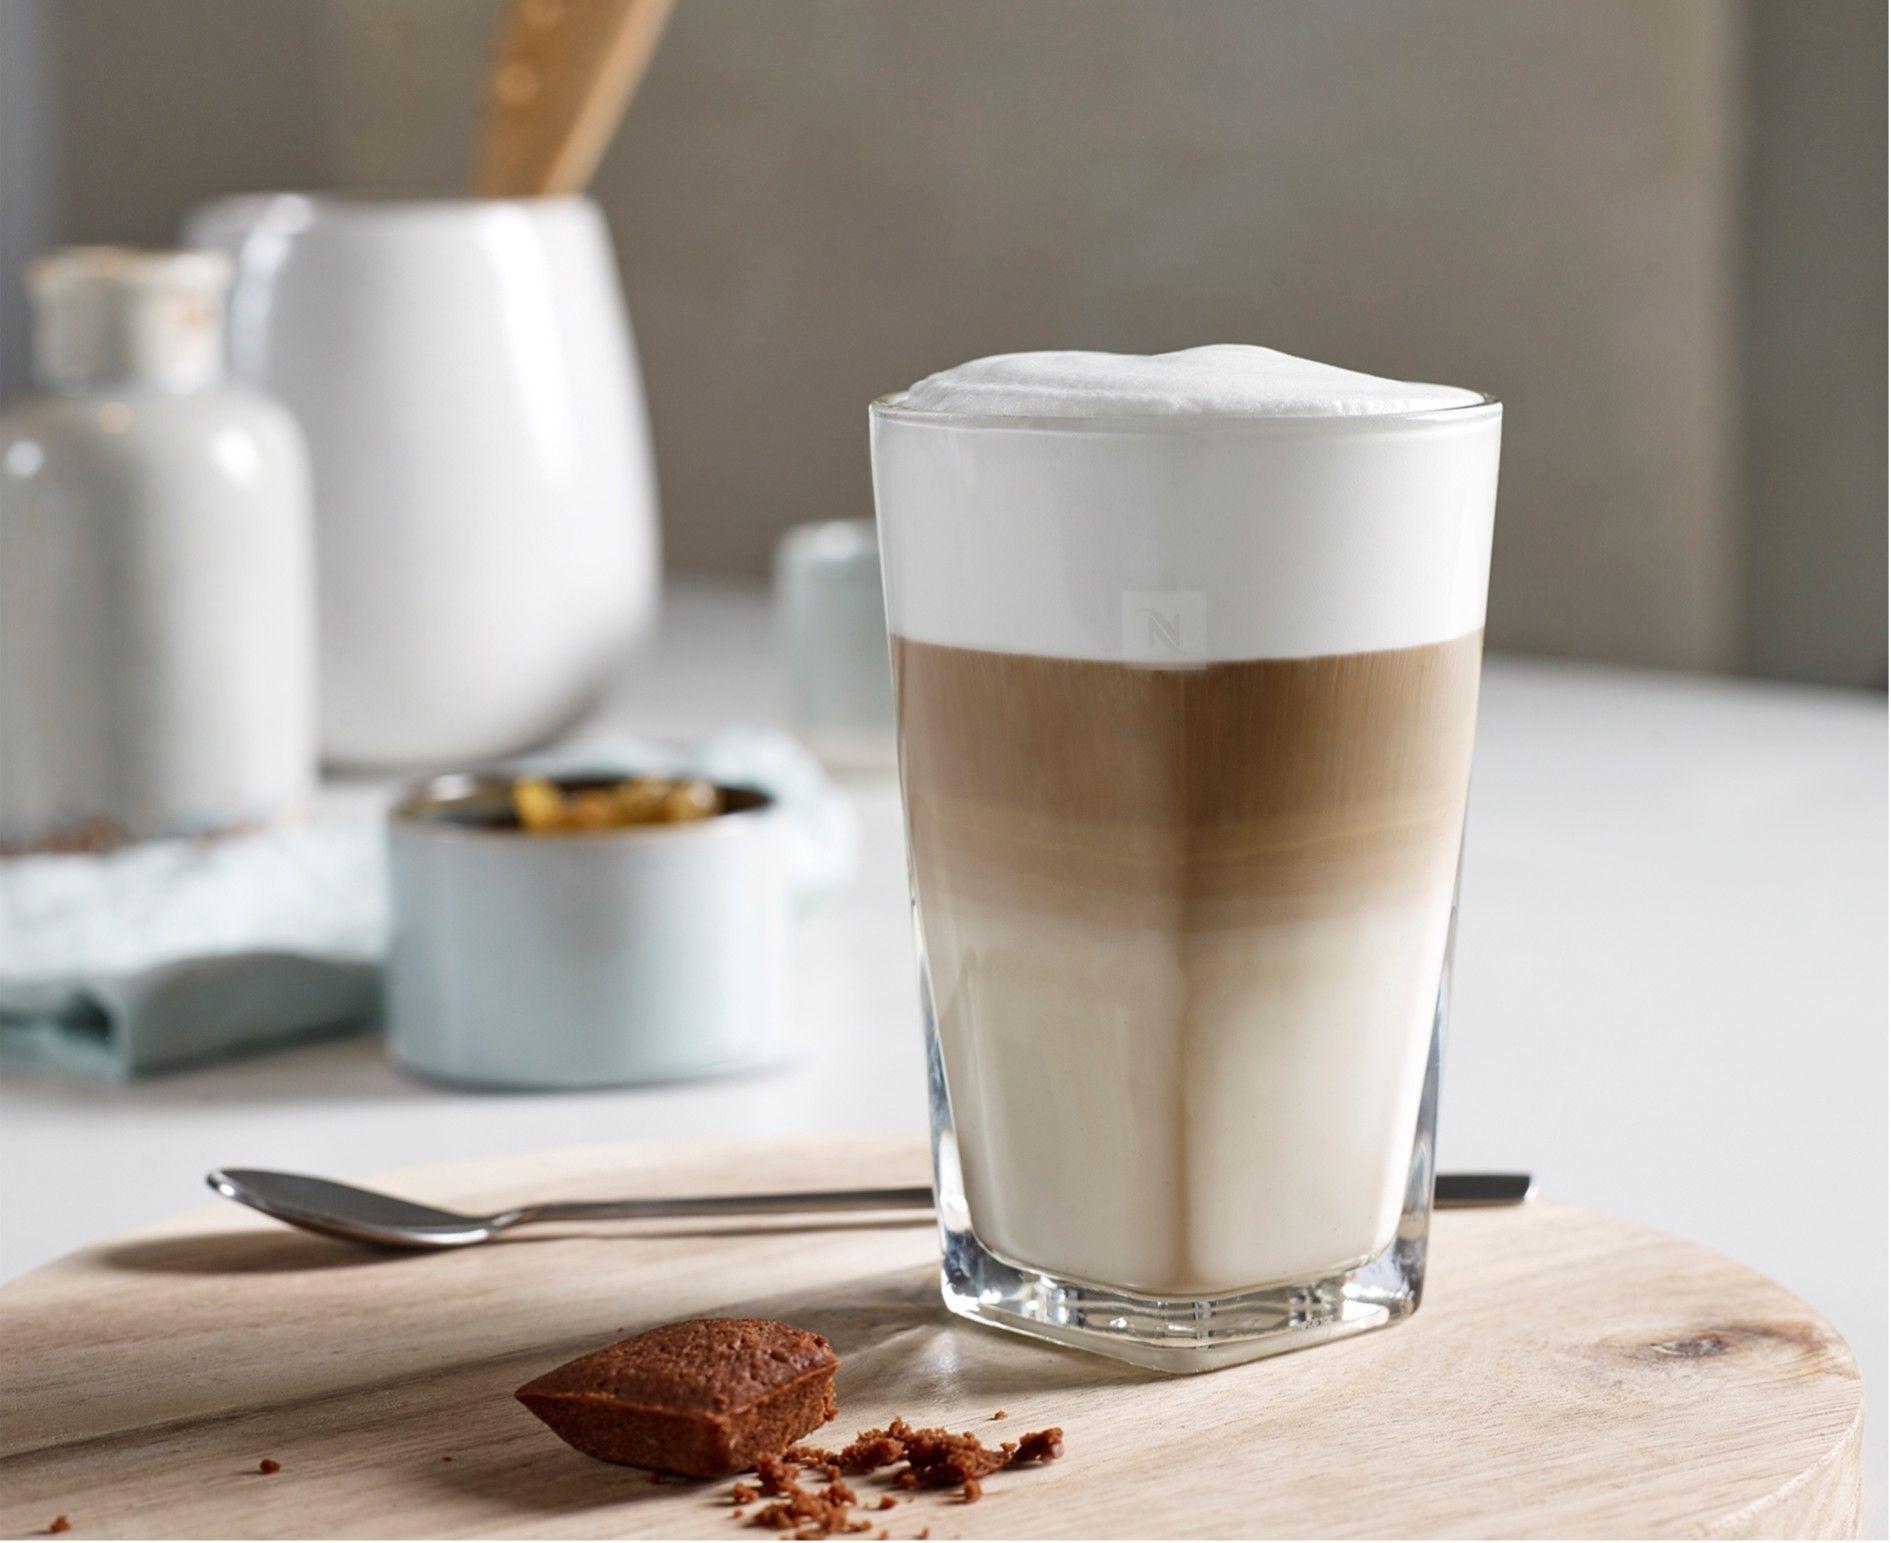 Latte Macchiato Recipe With Images Latte Macchiato Coffee